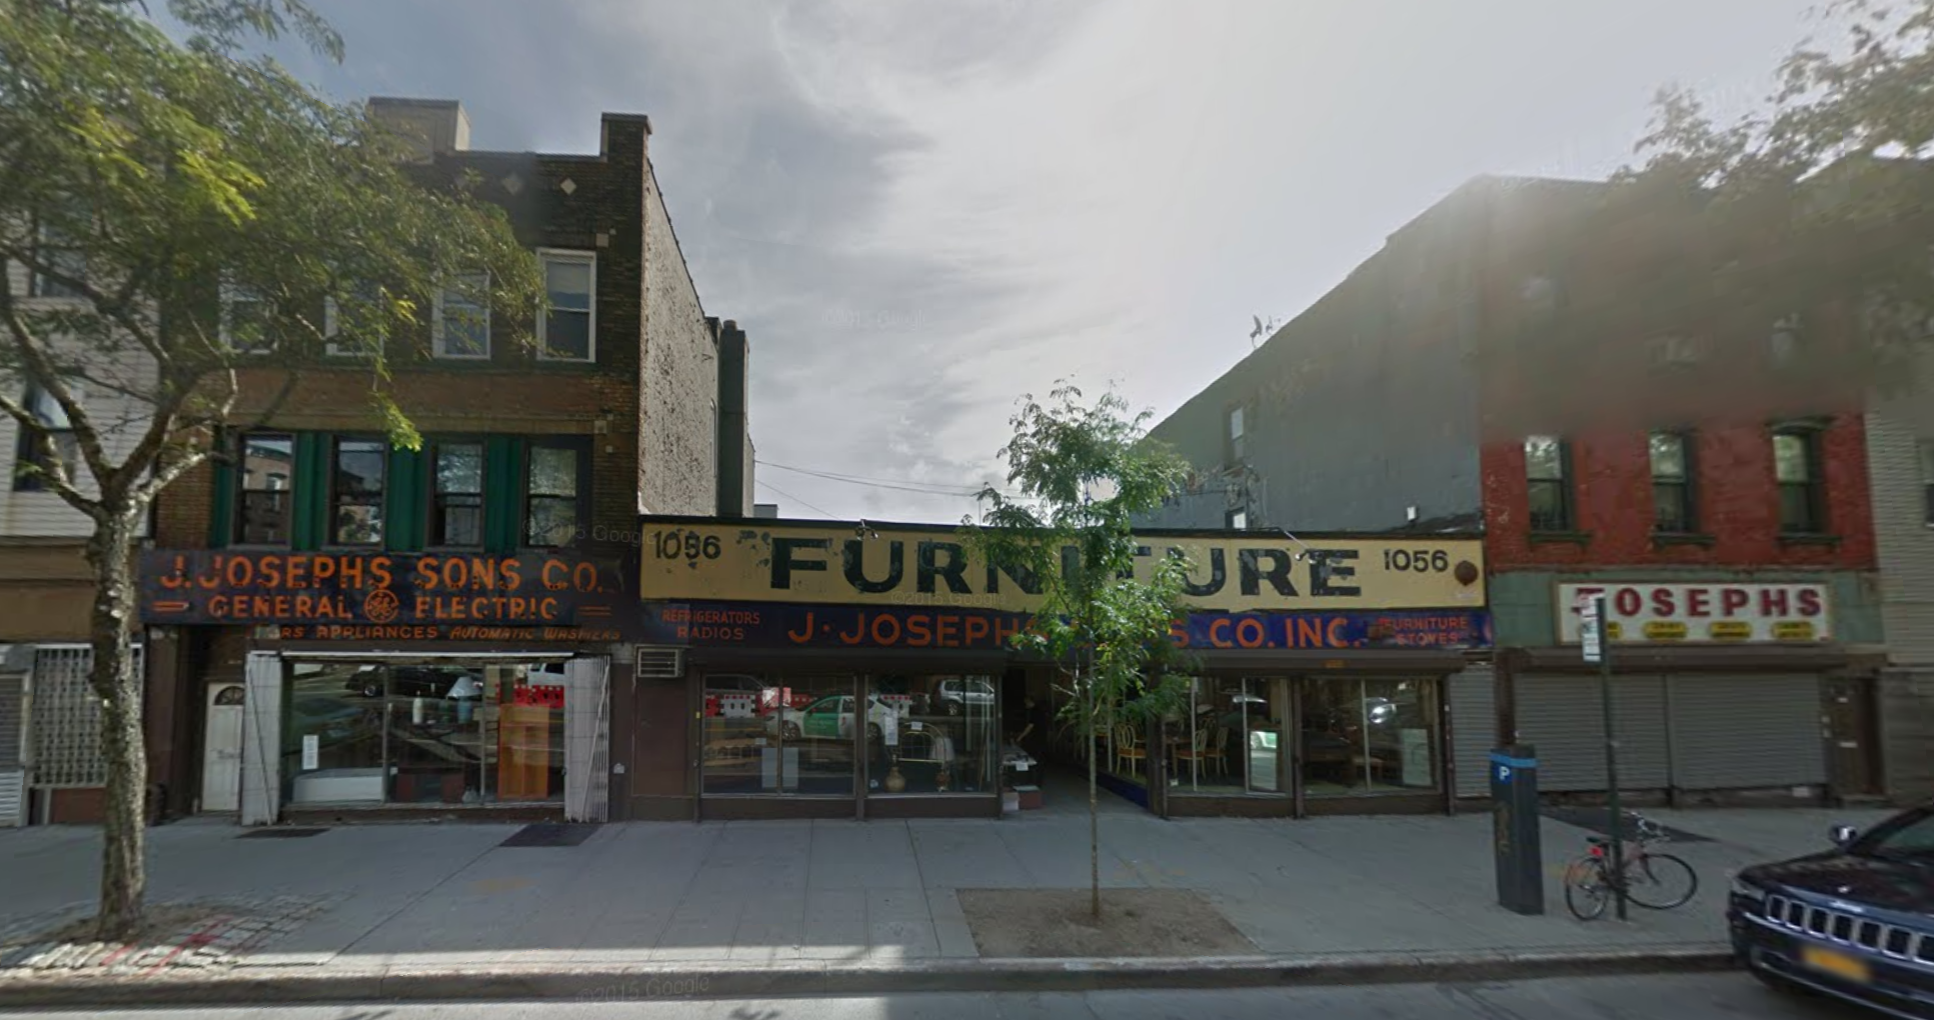 J. Josephs & Sons at 1052-1058 Manhattan Avenue in September 2015. image via Google Maps